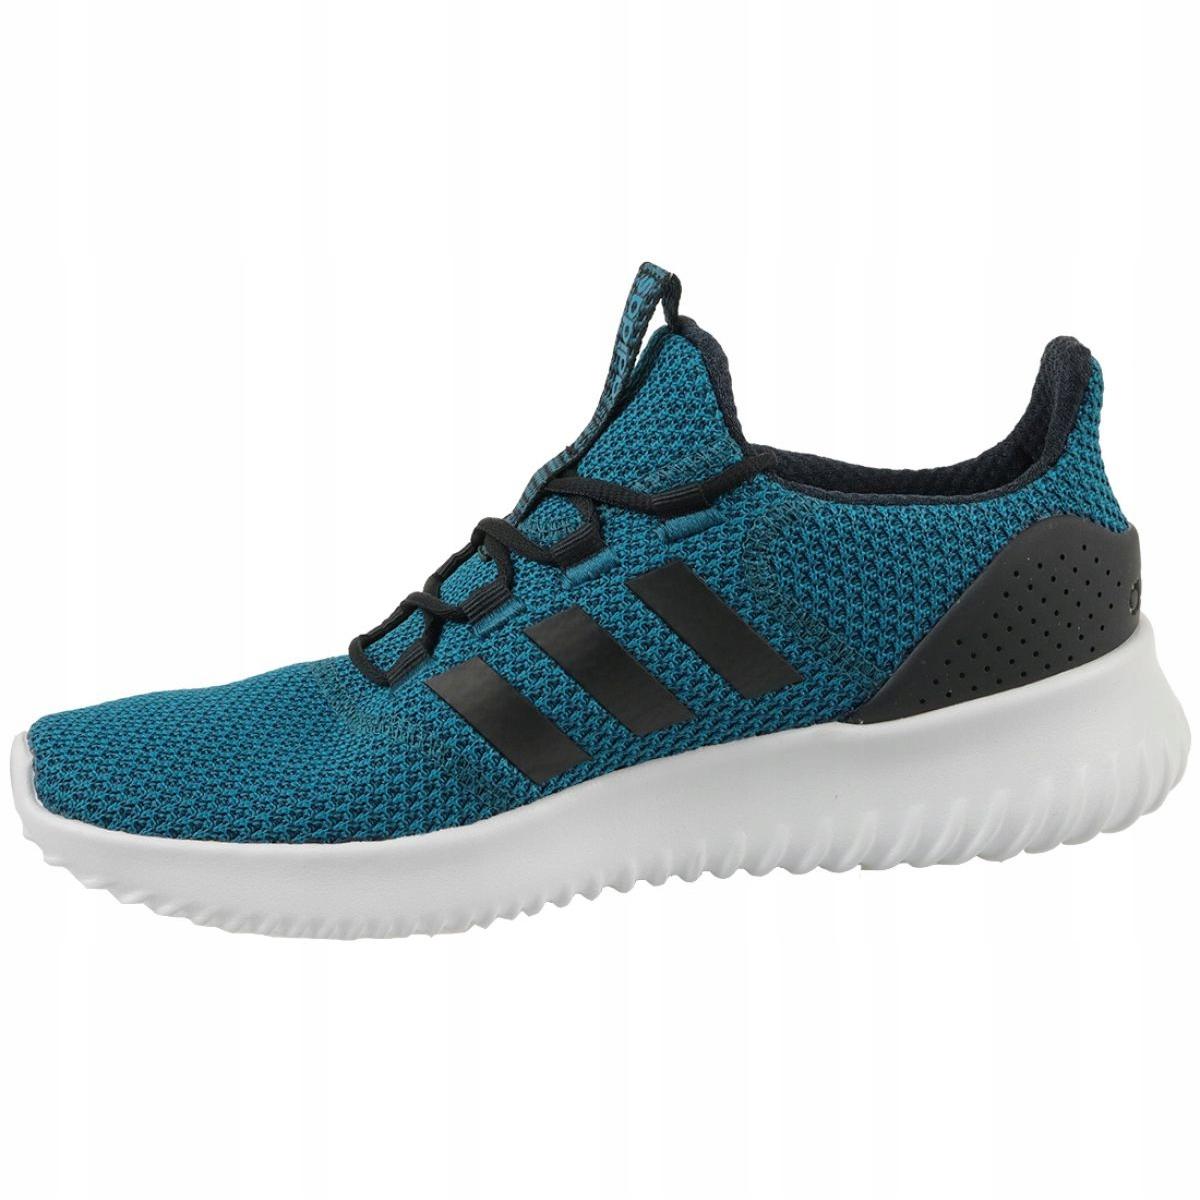 Details about Blue Adidas Cloudfoam Ultimate M BC0122 shoes